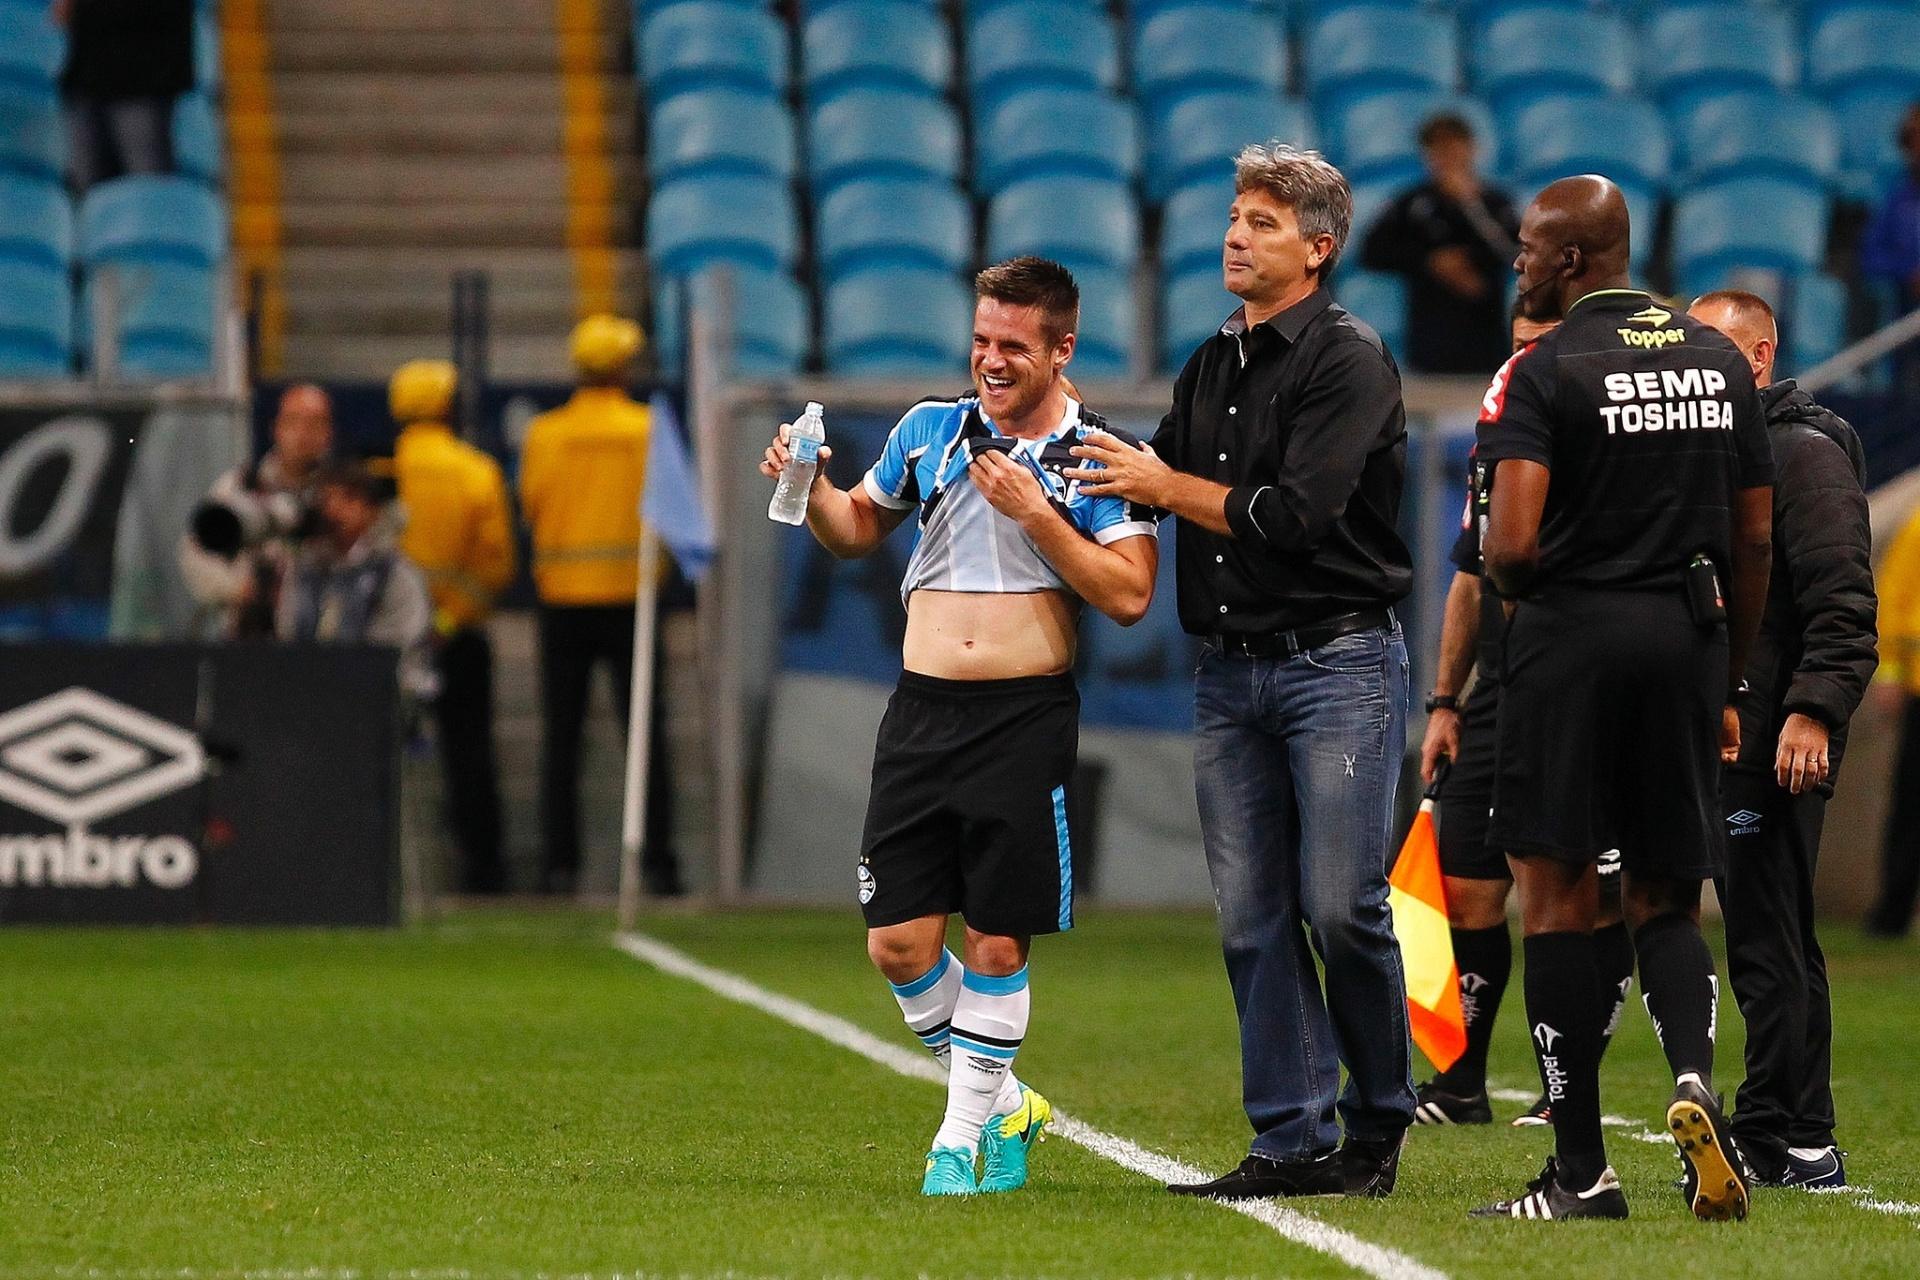 e2dd212875 Grêmio evita pensar na escalação do Palmeiras e alerta contra acomodação -  18 10 2016 - UOL Esporte